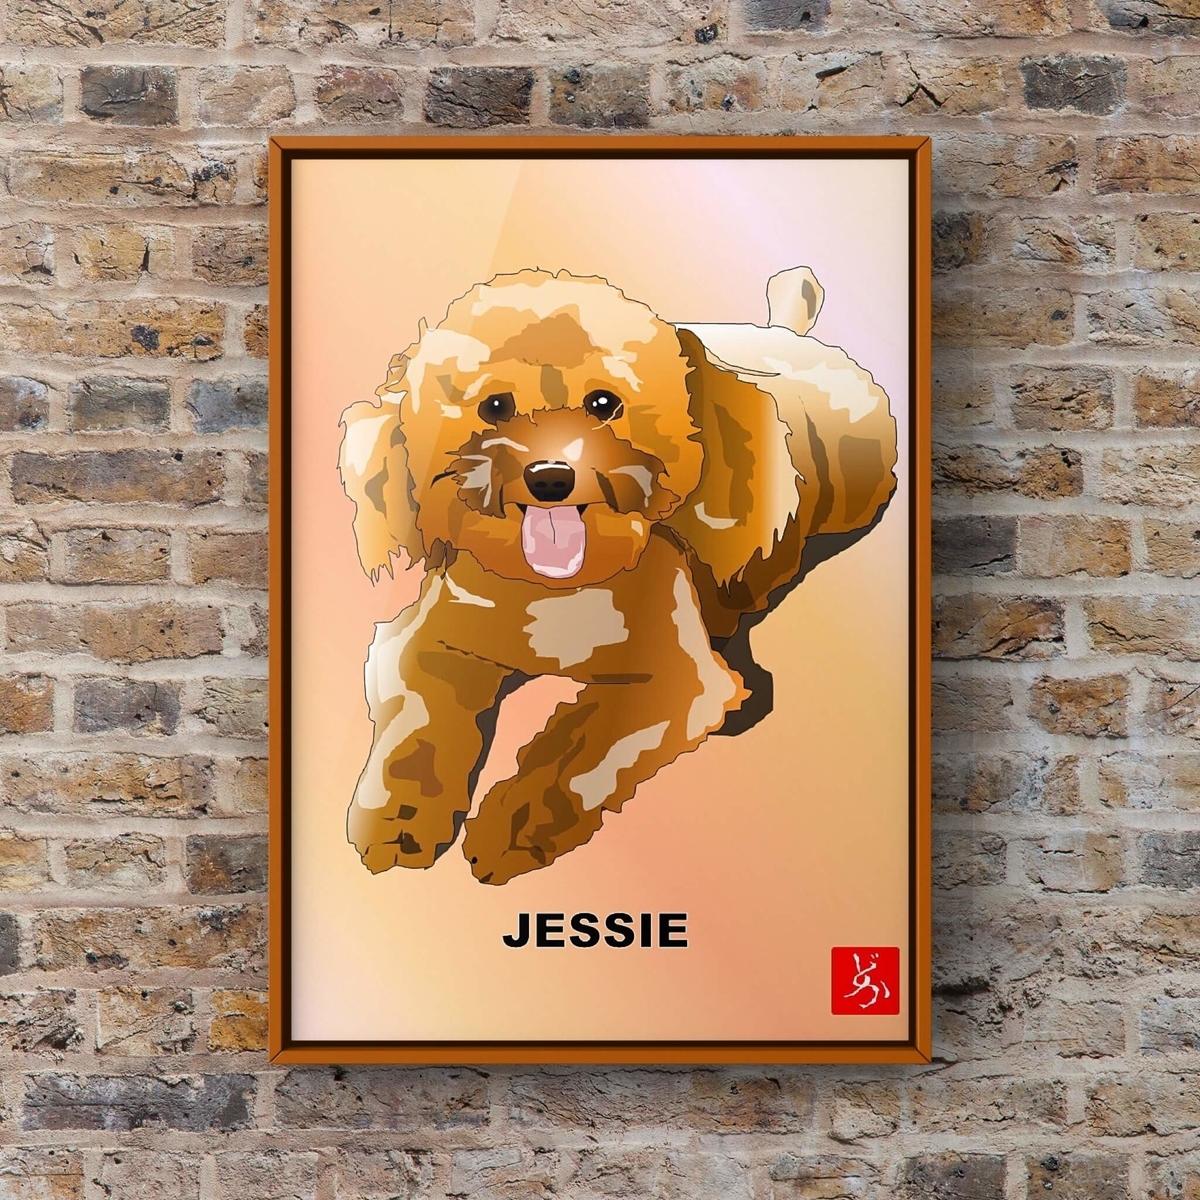 ウチのワンちゃん、トイプードルのジェシーのエクセル画イラスト額装版